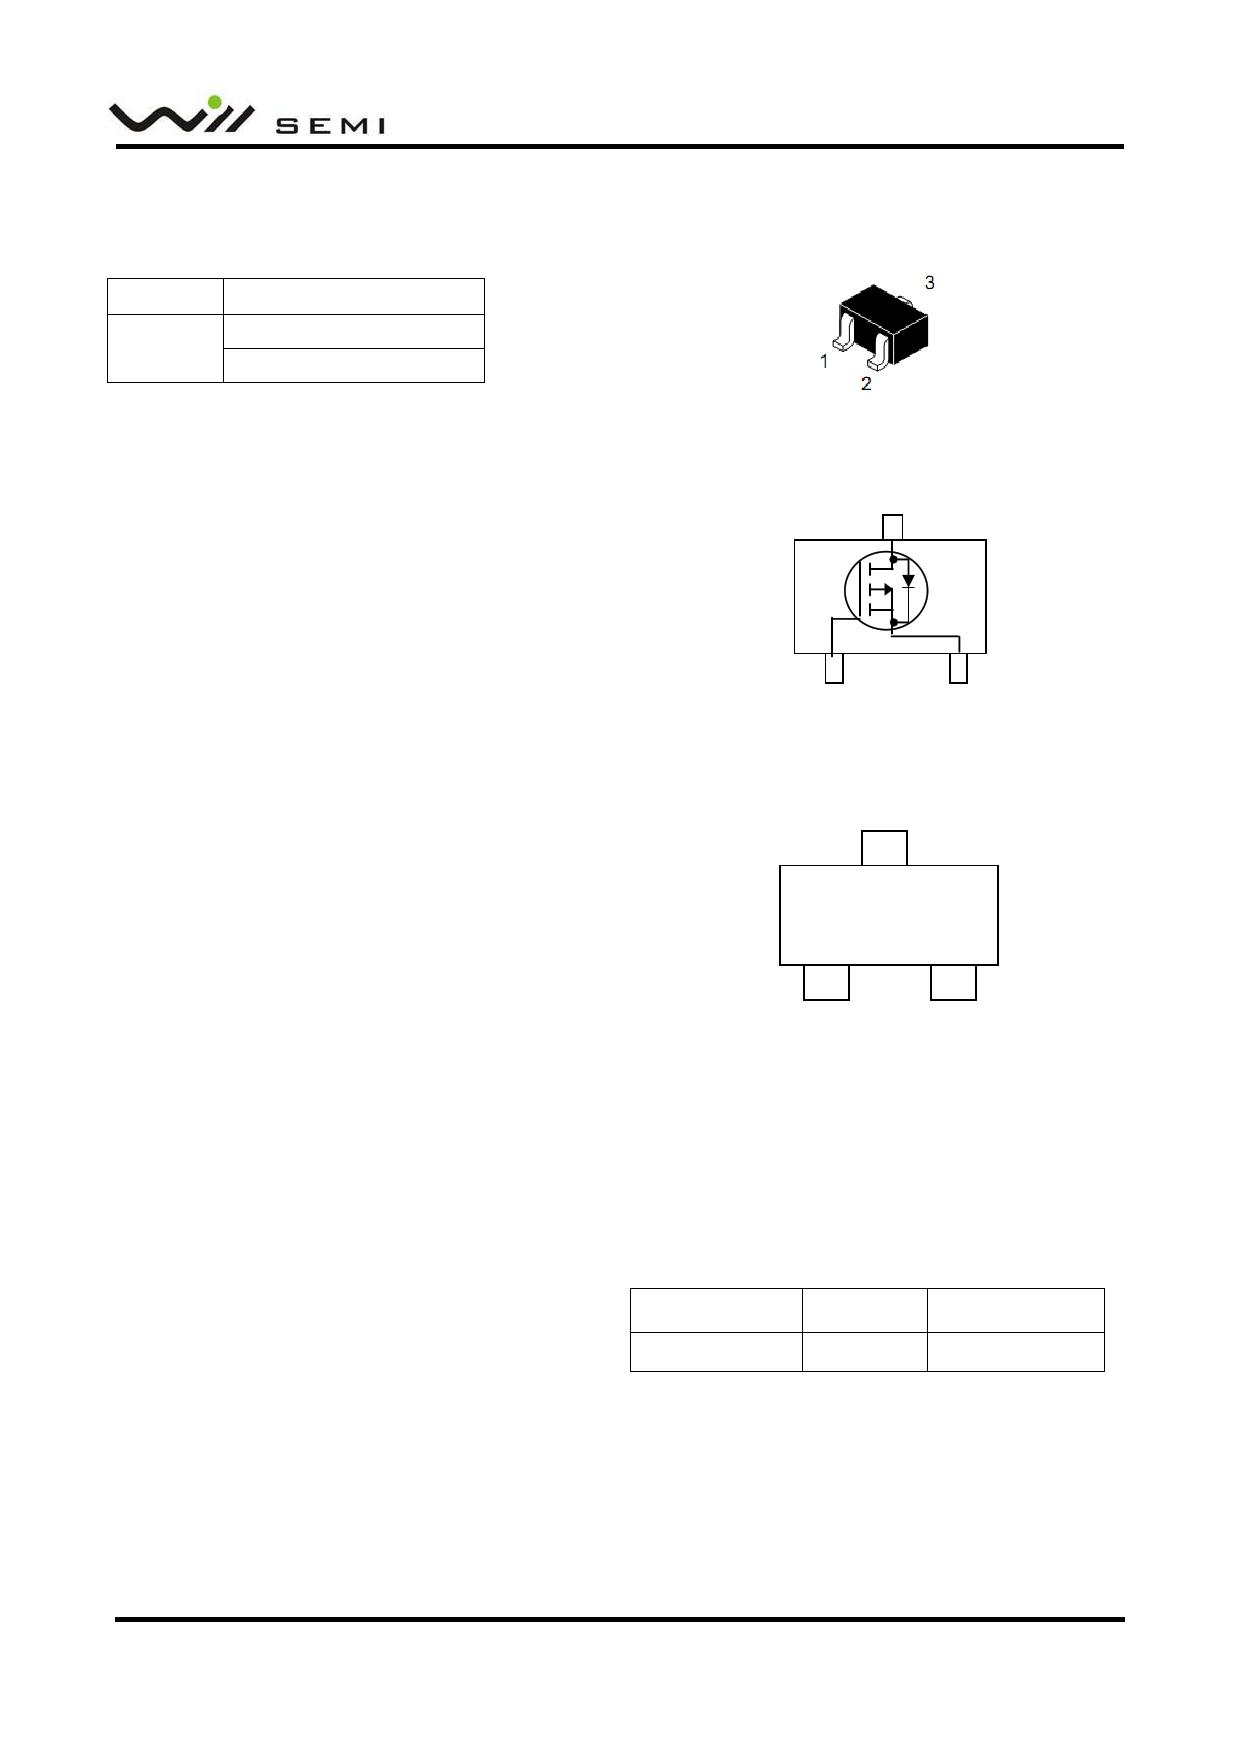 WPM2015 Datenblatt PDF